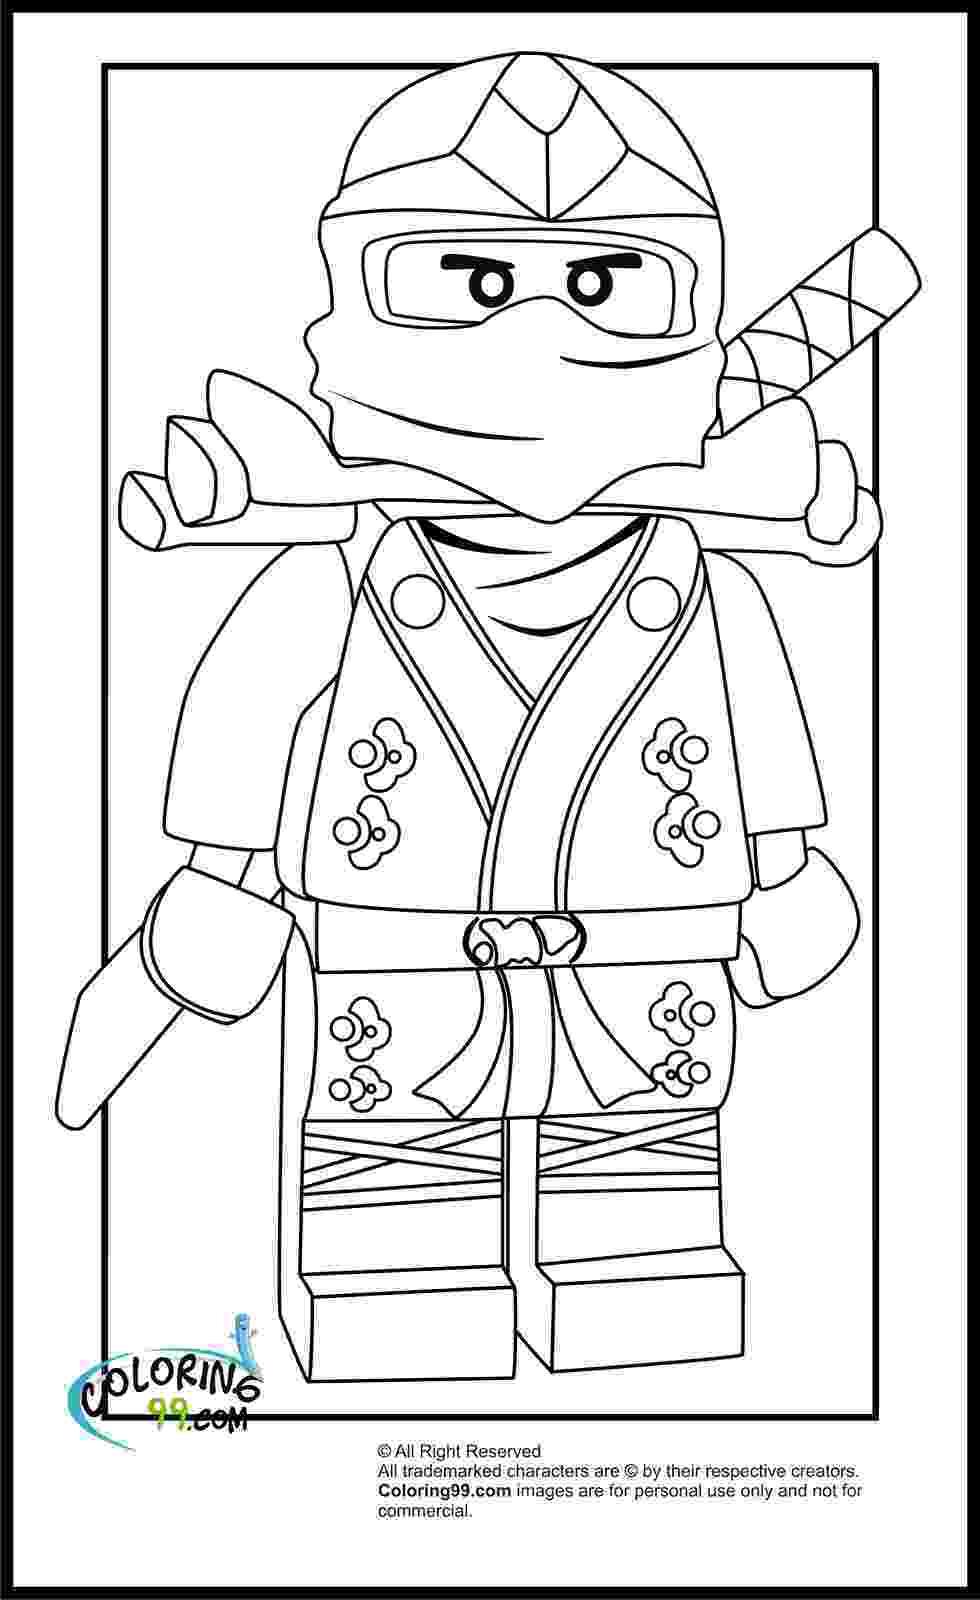 lego ninja coloring page lego ninjago lloyd the green ninja coloring pages lego coloring ninja page